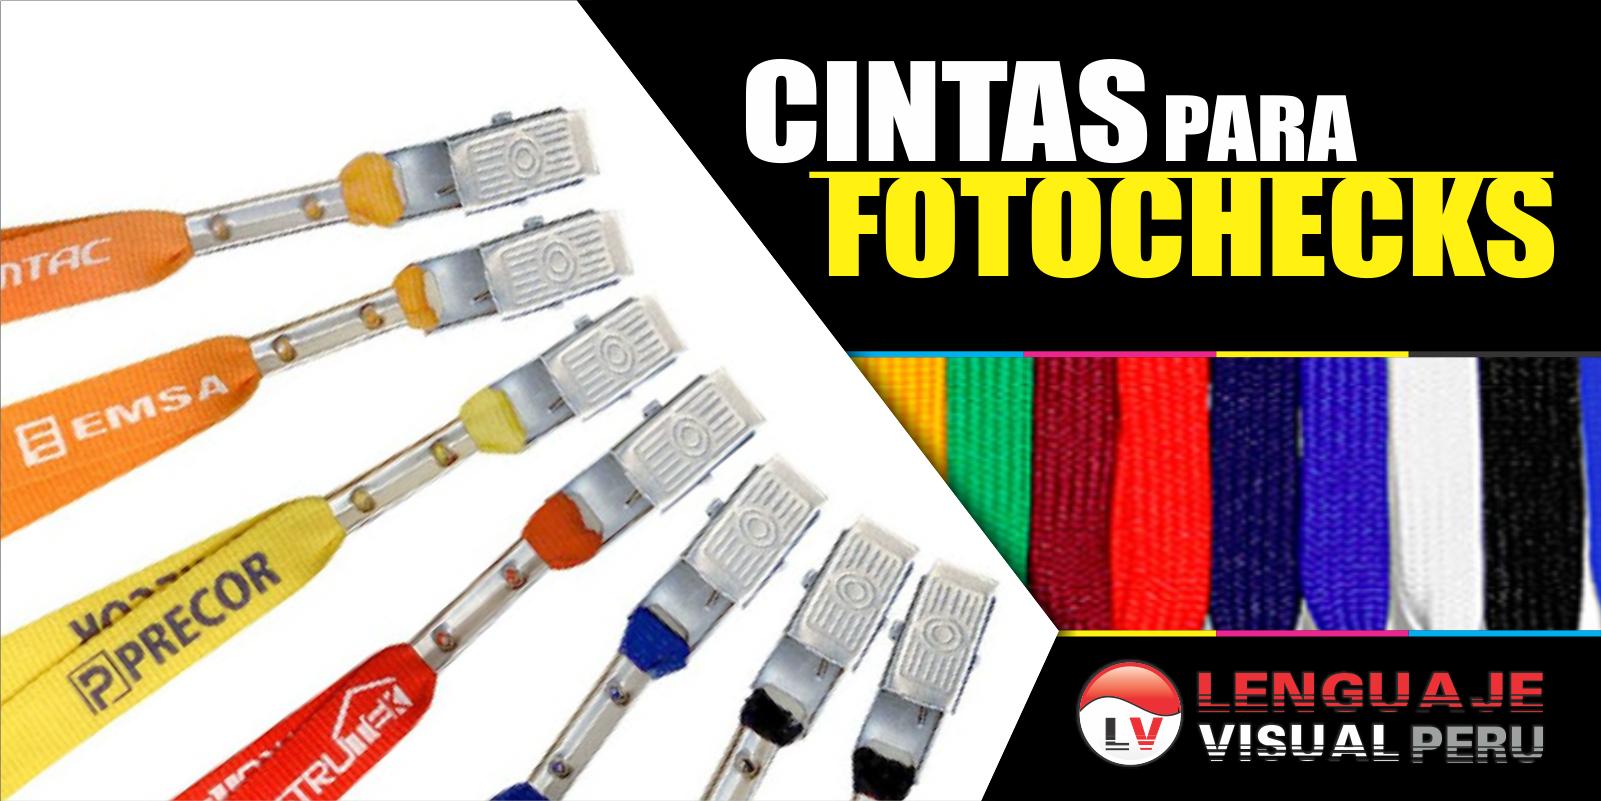 Fotocheck-Portada-Facebook-Banner1